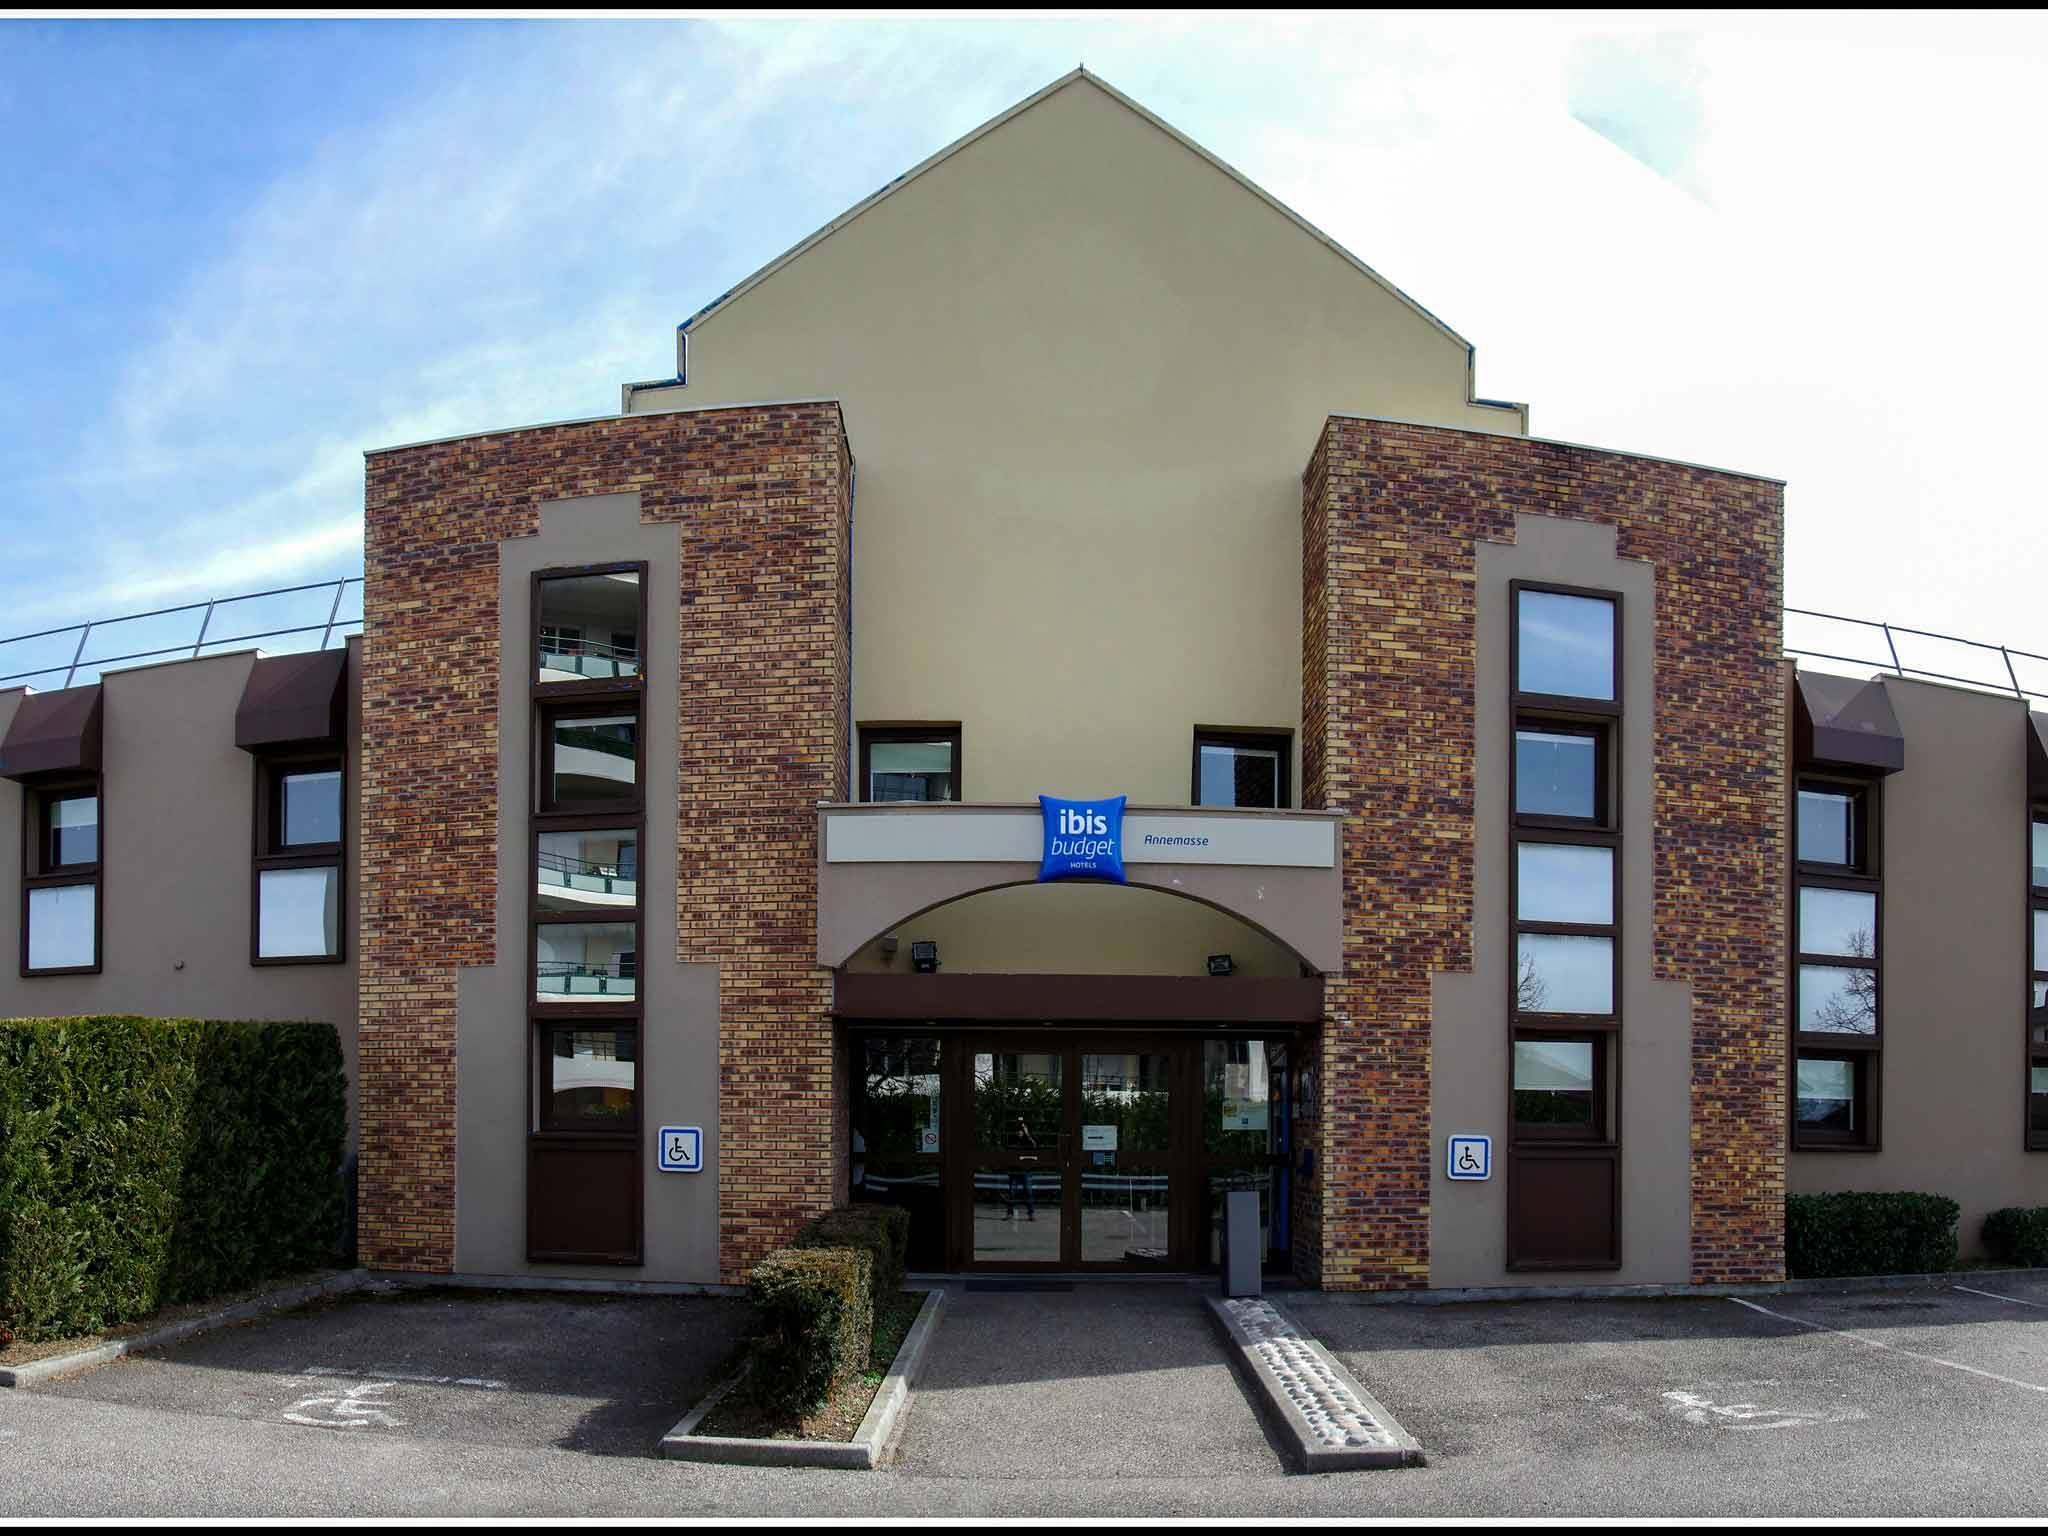 Hotel – Ibis budget Annemasse Genève